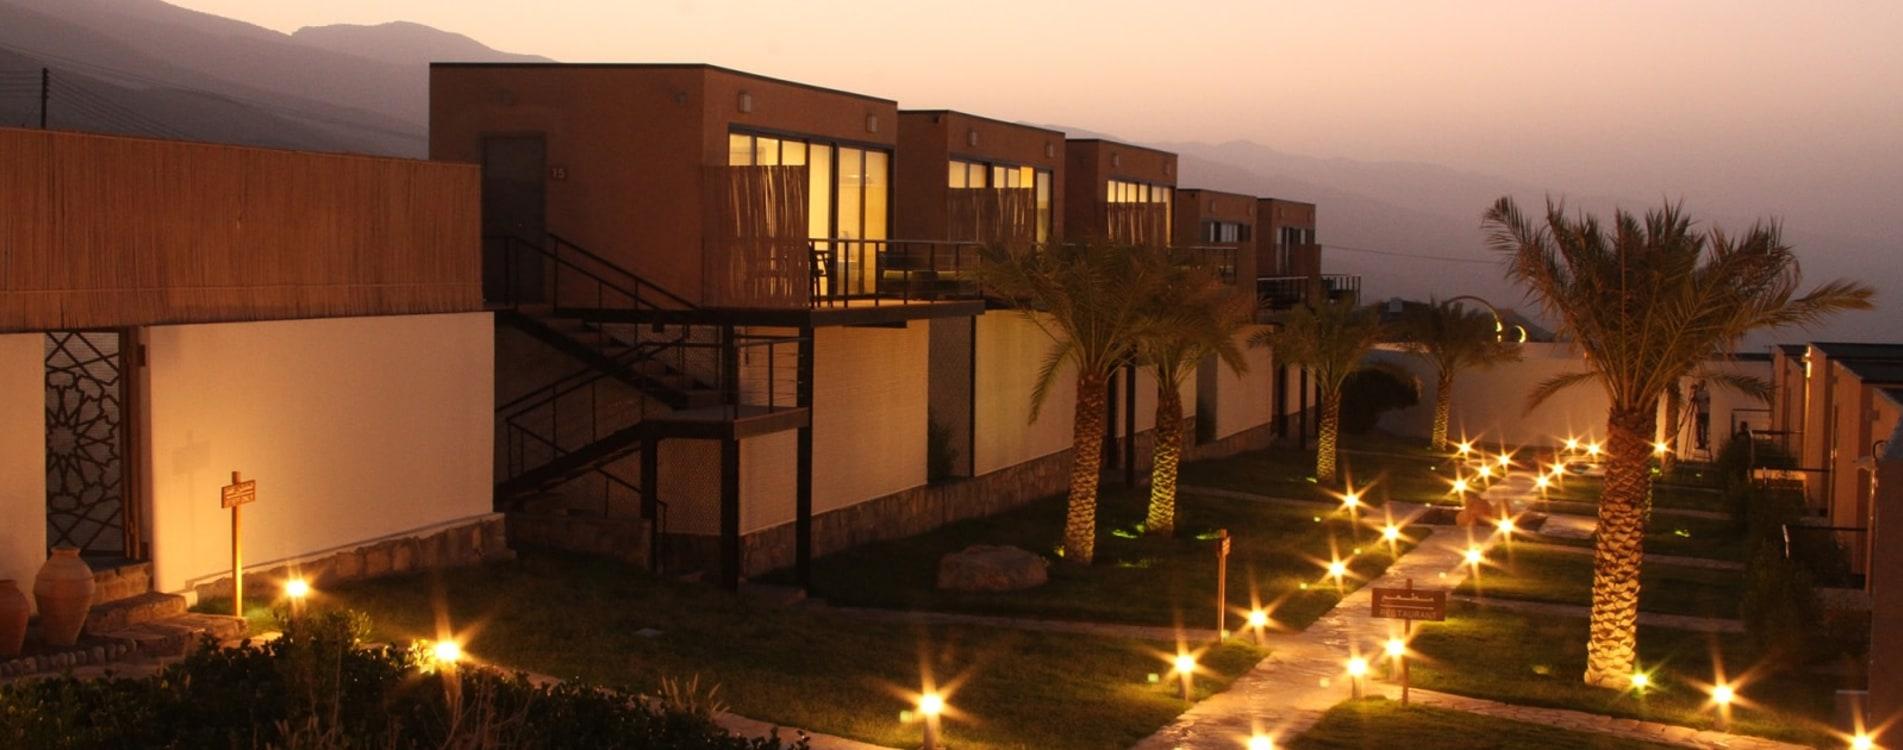 The-View-Dämmerung-Beleuchtung-Exterior-Oman.jpg